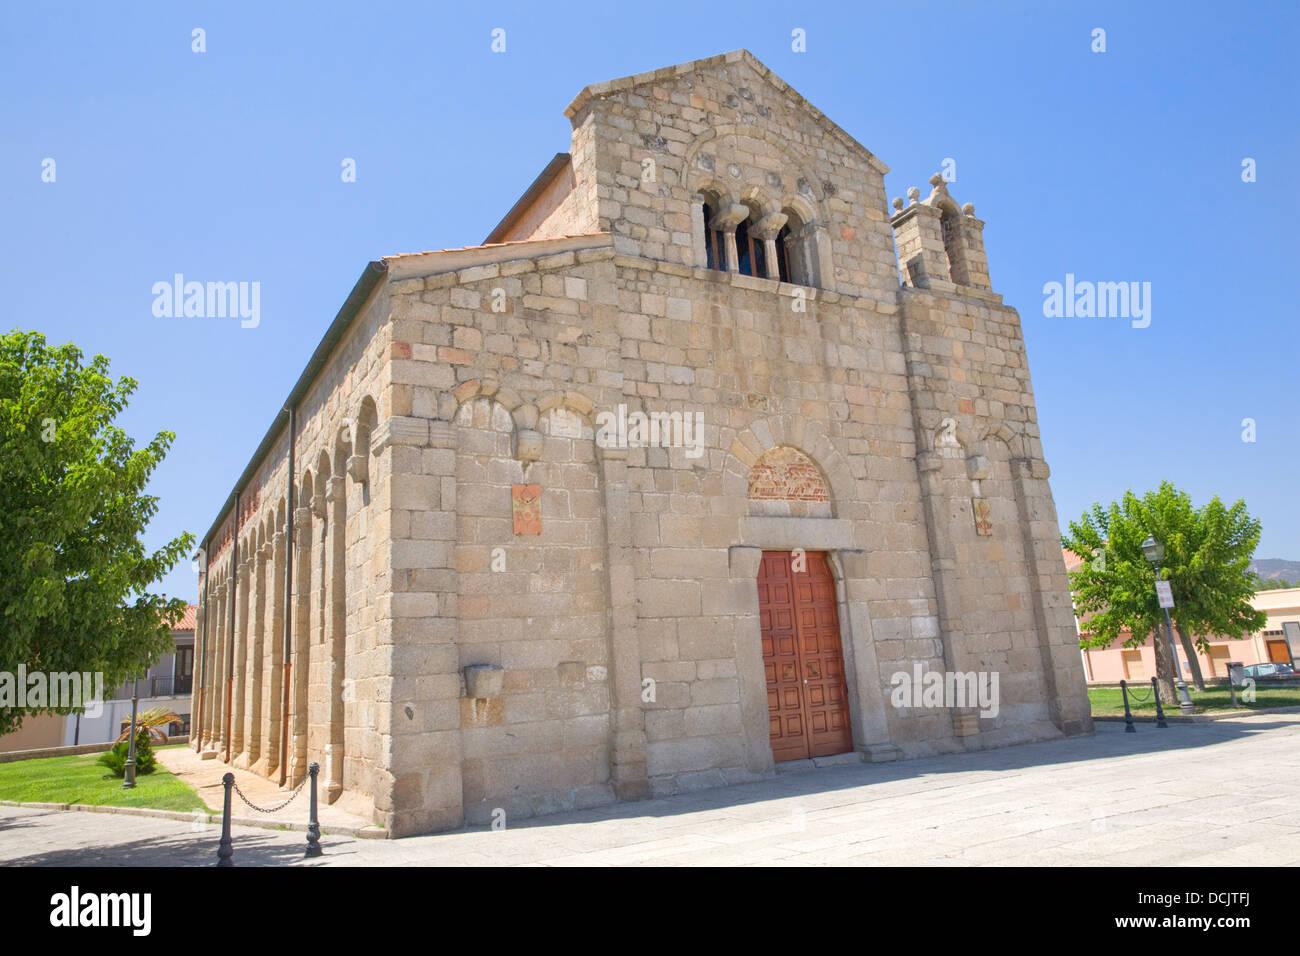 Chiesa di San Simplicio, Olbia, Sardinia, Italy - Stock Image